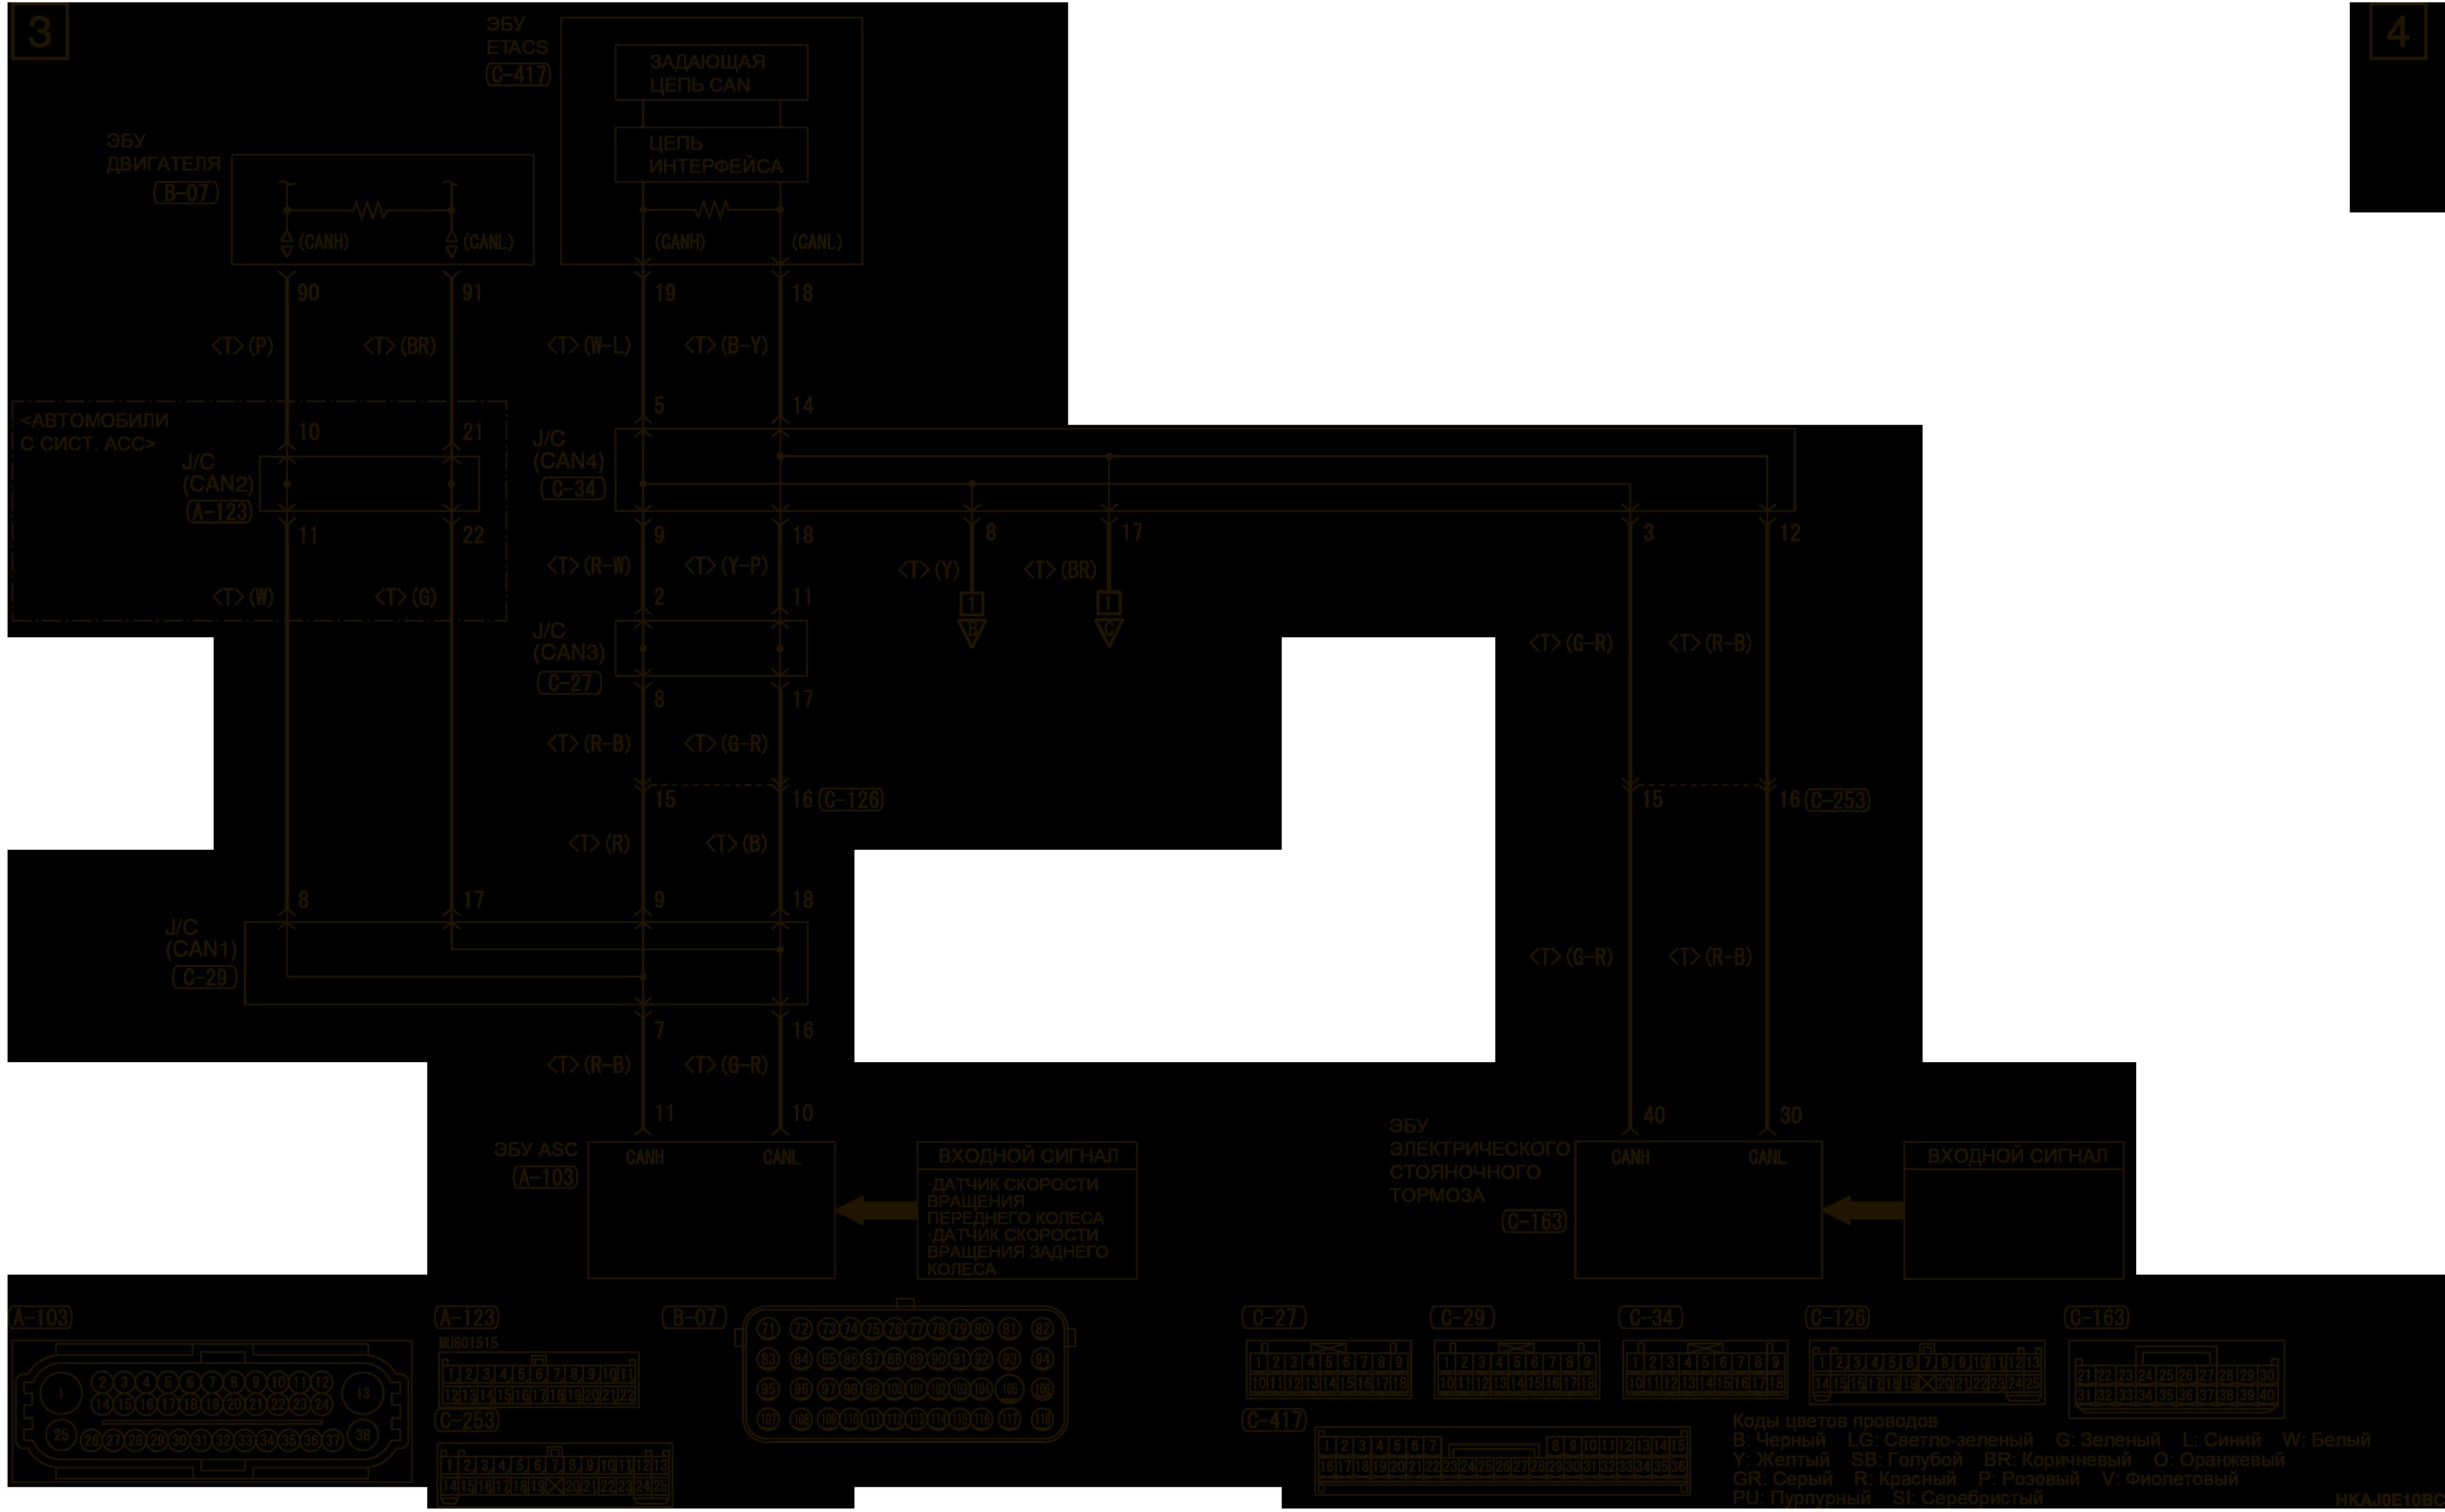 mmc аутлендер 3 2019 электросхемаДНЕВНЫЕ ХОДОВЫЕ ОГНИ (DRL) ПРАВОСТОРОННЕЕ УПРАВЛЕНИЕ